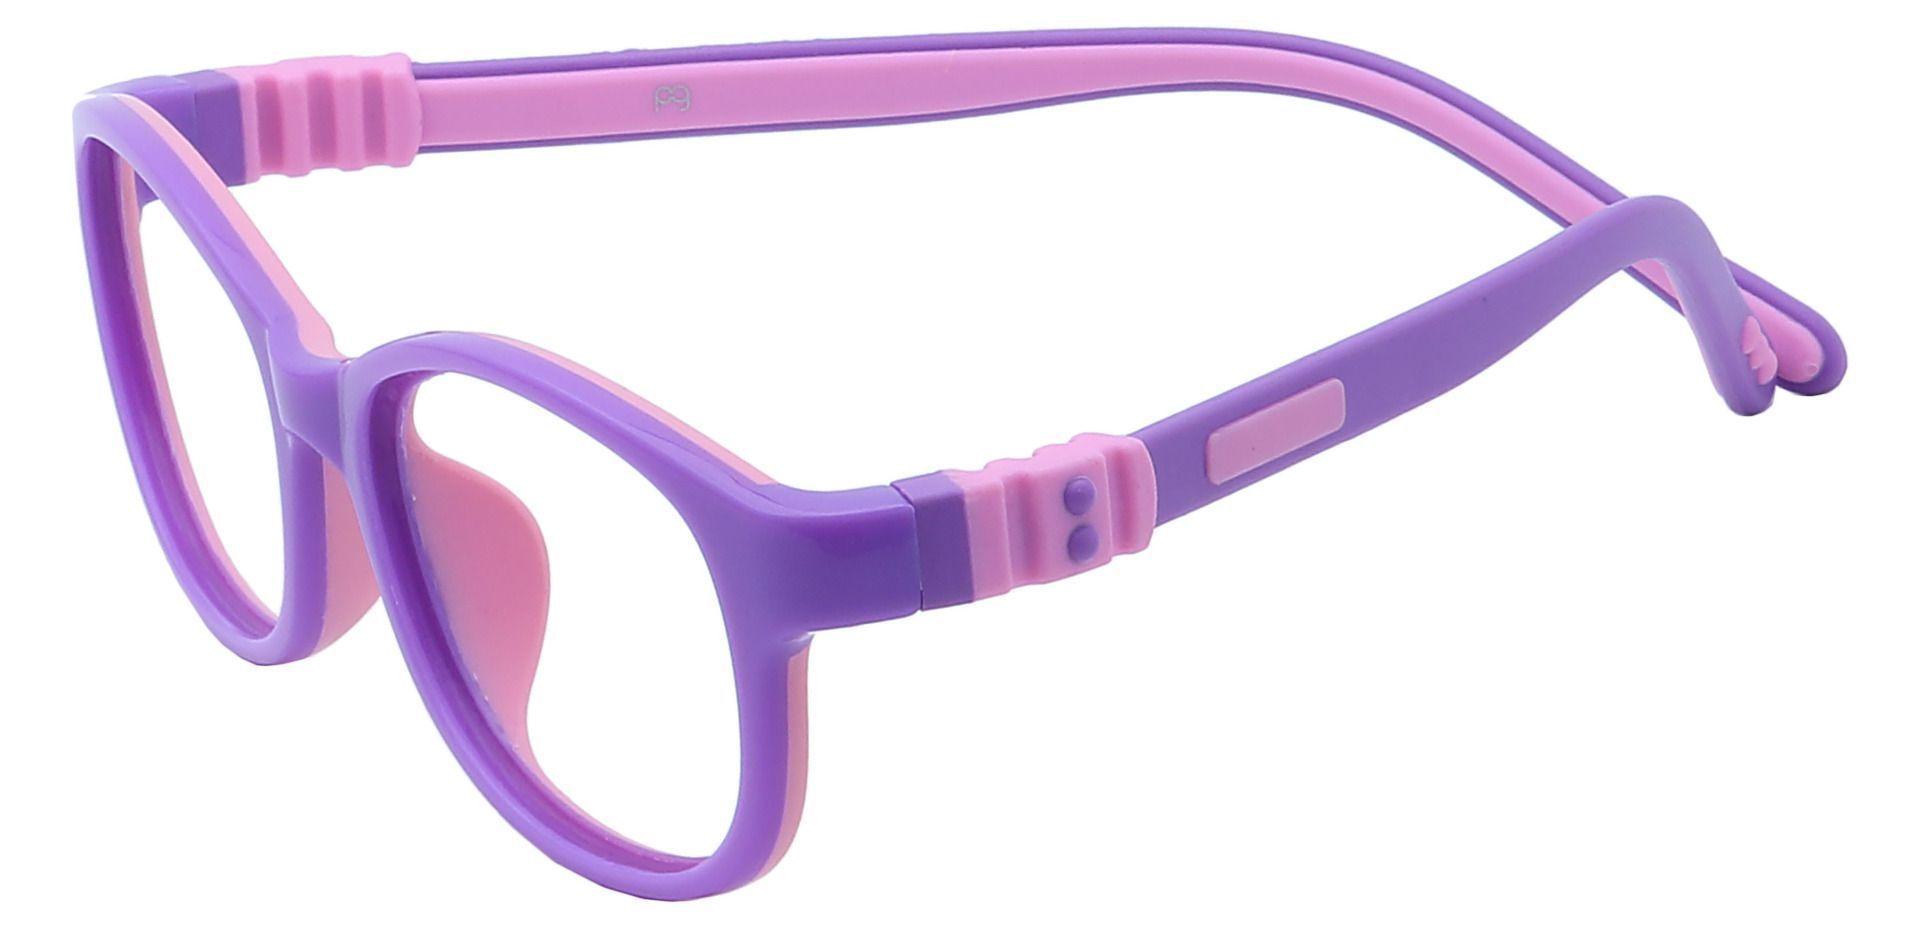 Breezy Oval Prescription Glasses - Purple